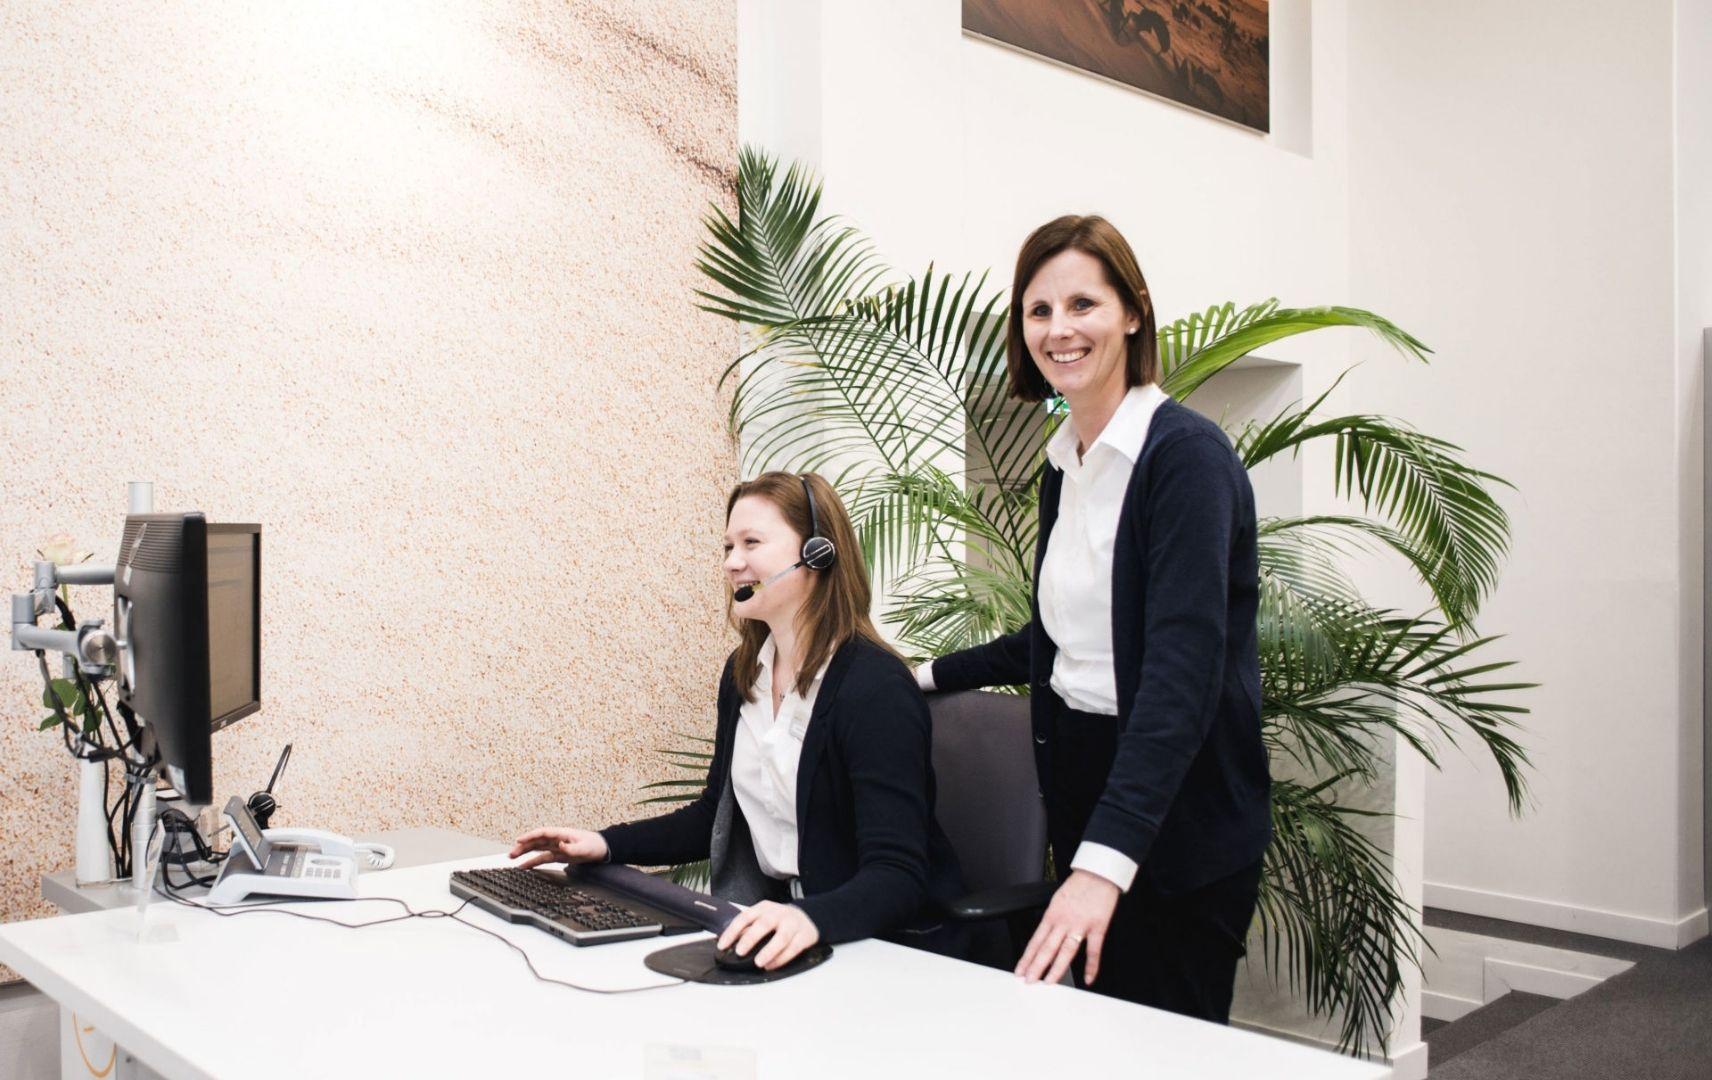 Zwei Frauen am Bürotisch Computer Headset